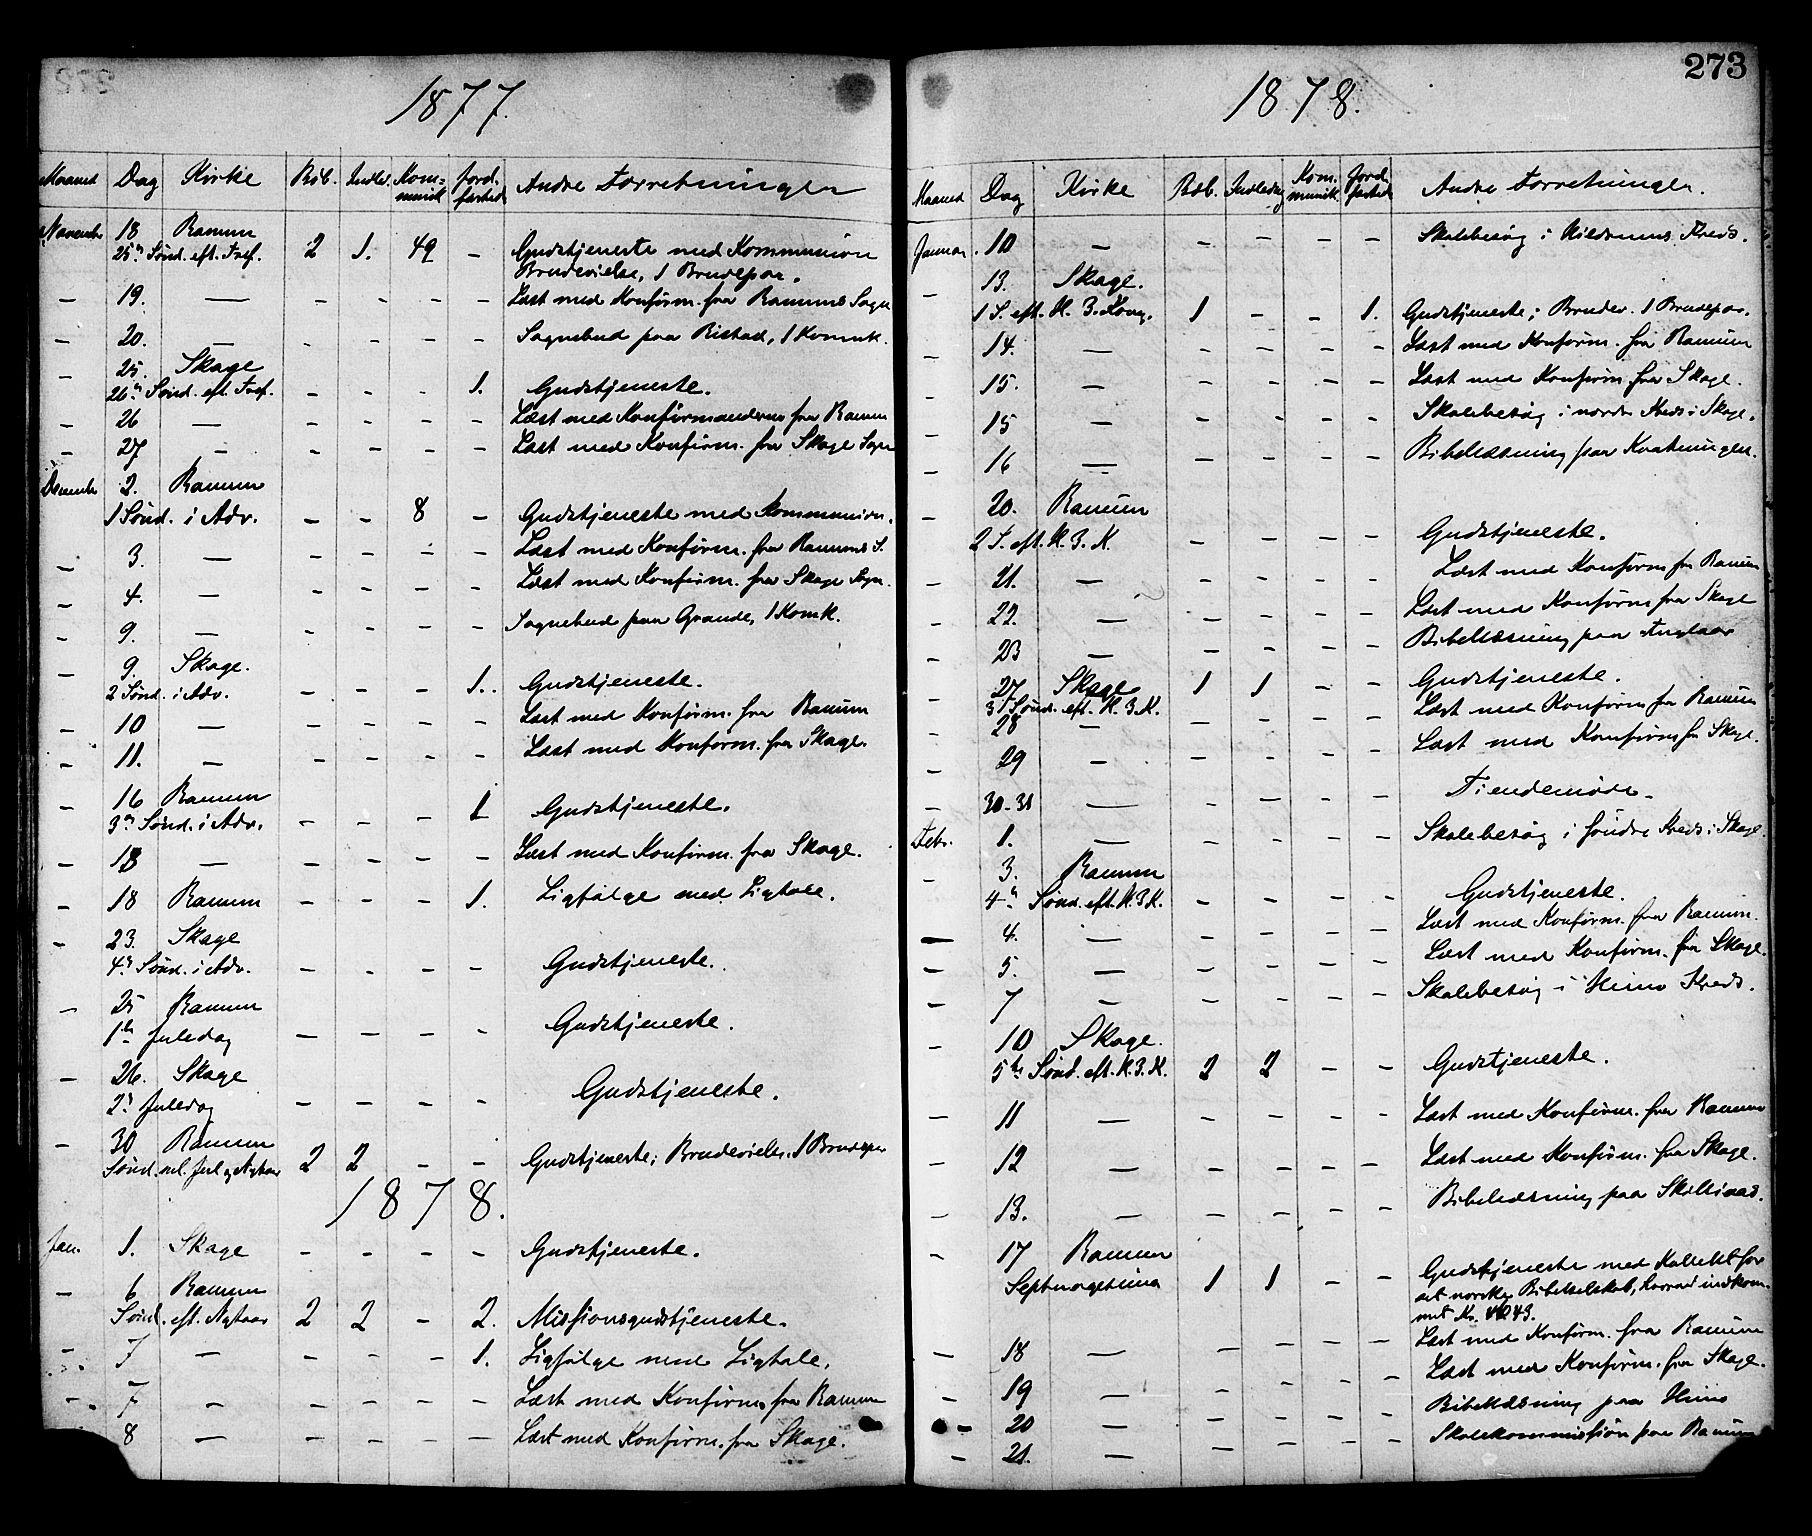 SAT, Ministerialprotokoller, klokkerbøker og fødselsregistre - Nord-Trøndelag, 764/L0554: Ministerialbok nr. 764A09, 1867-1880, s. 273